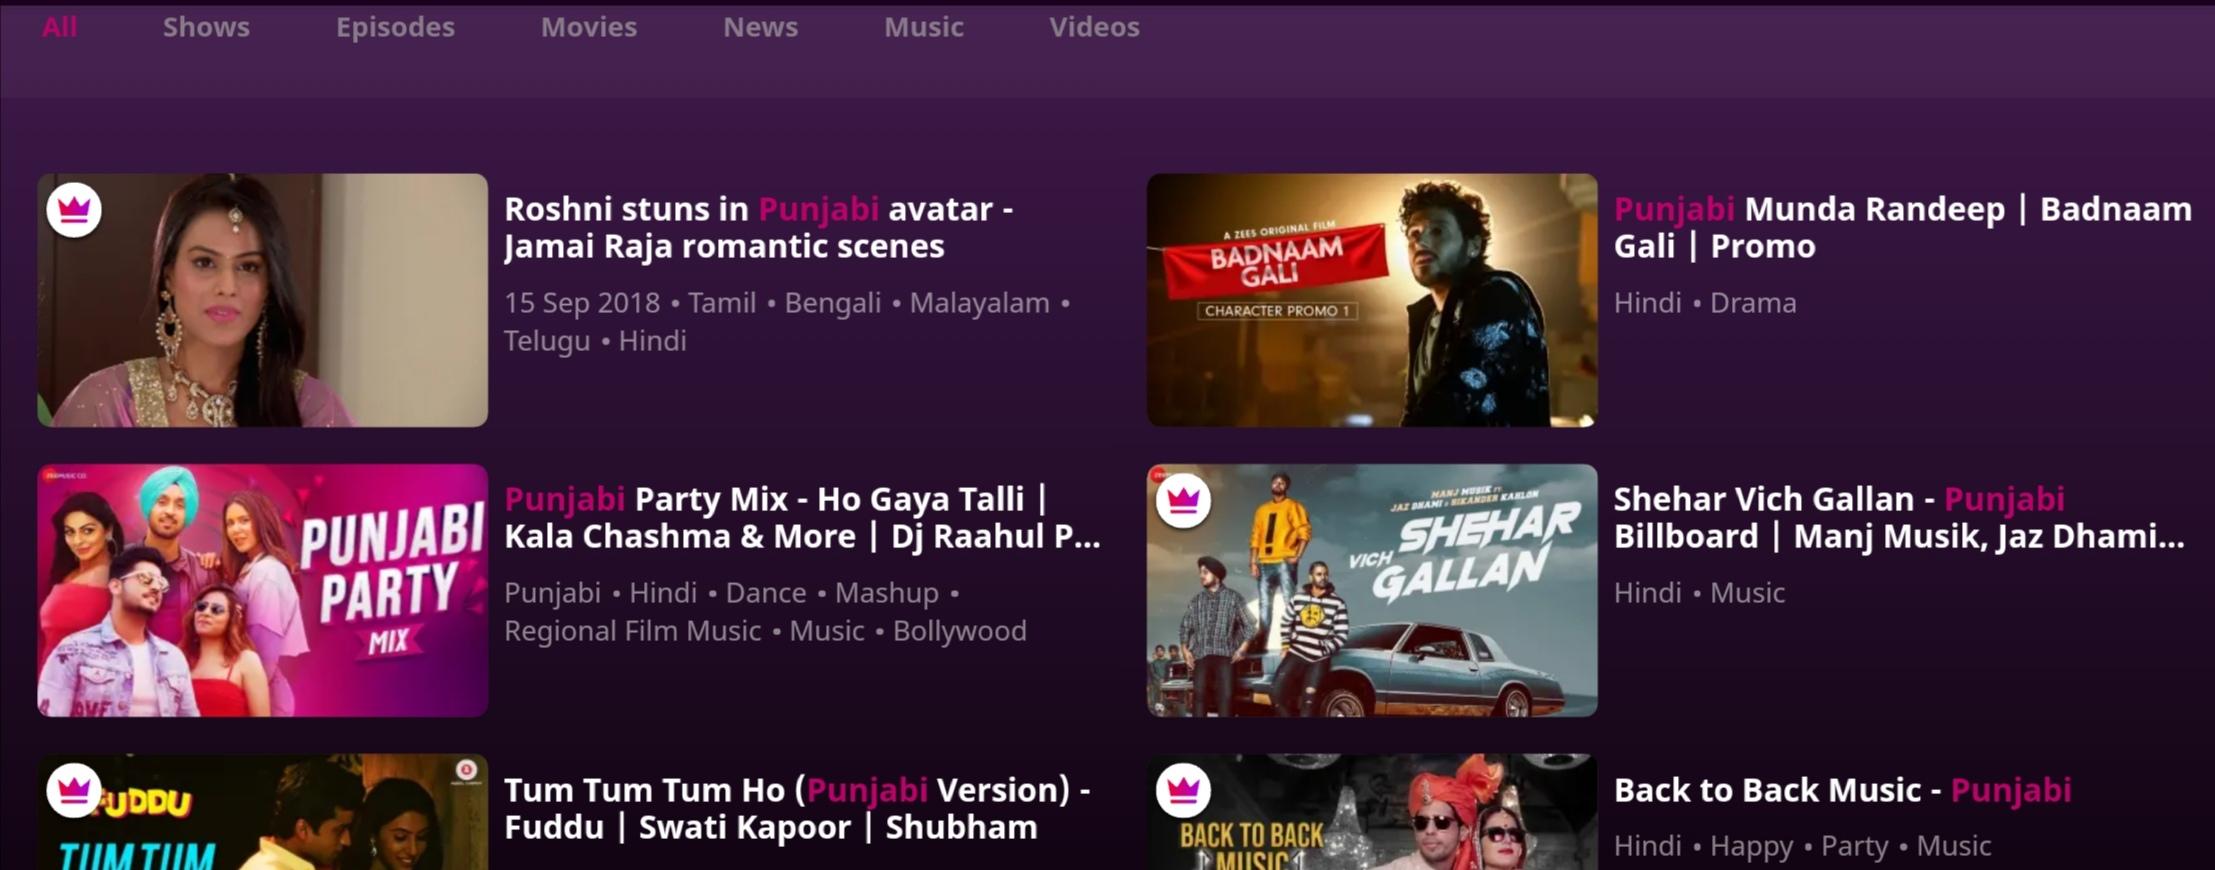 Watch Punjabi movies online free HD